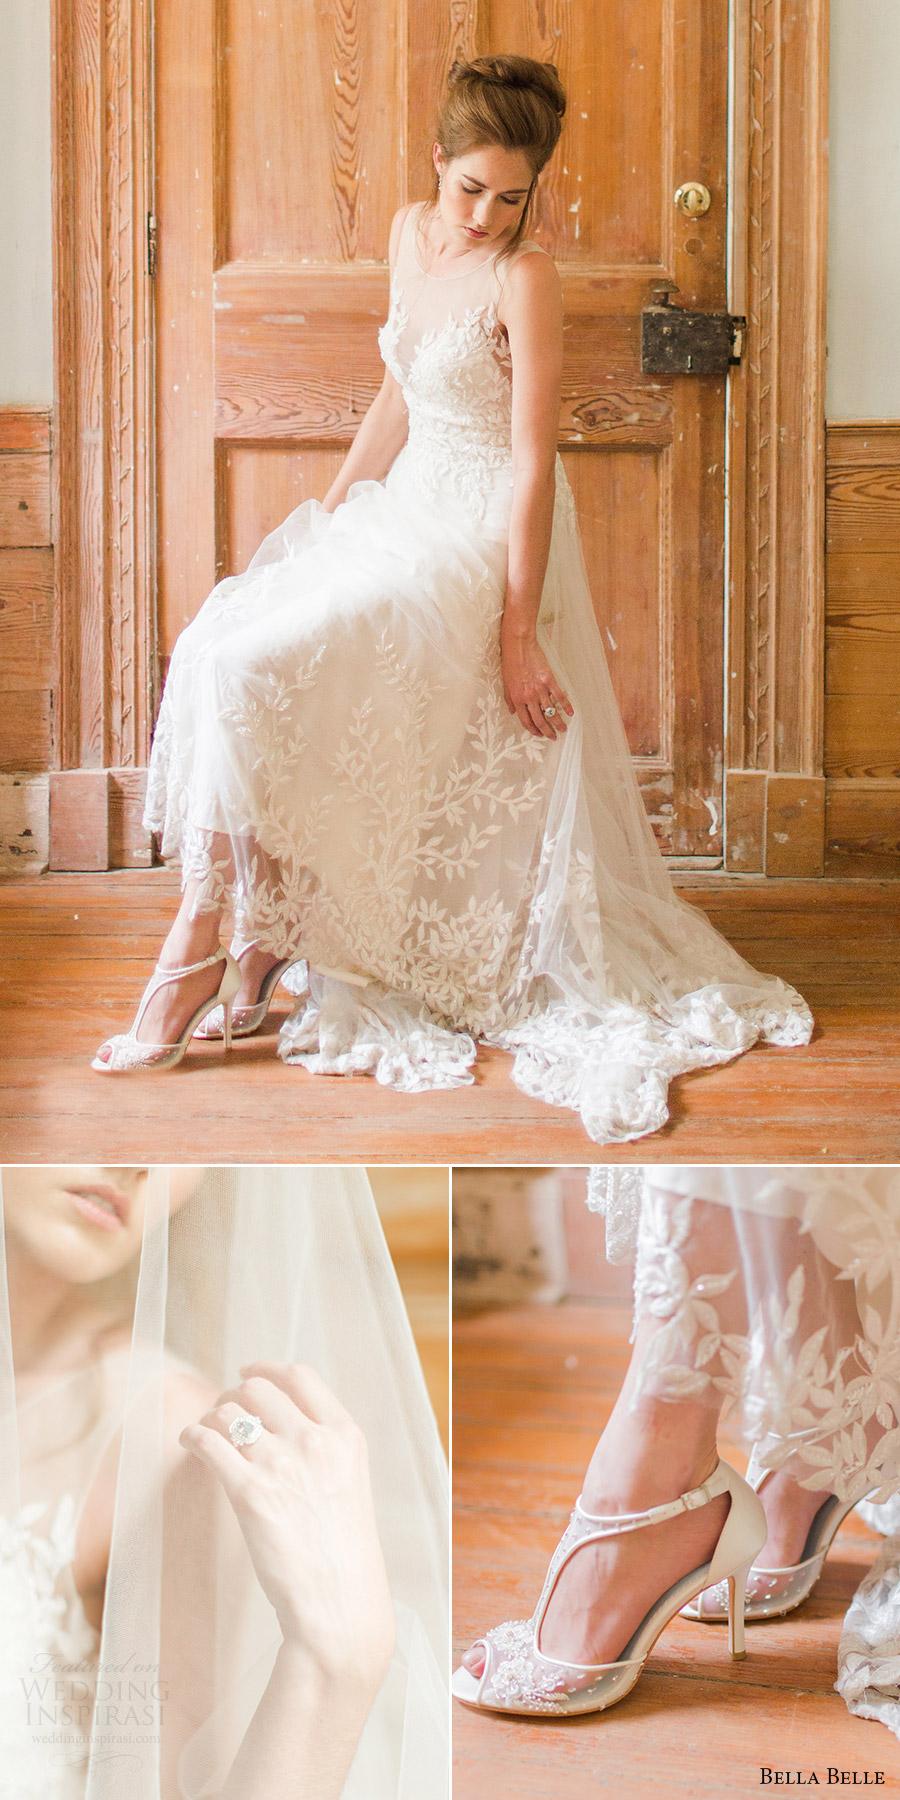 zapatos belle bella paloma 2016 zapatos de boda a mano con cuentas abierta ¡rachel puede fotografía